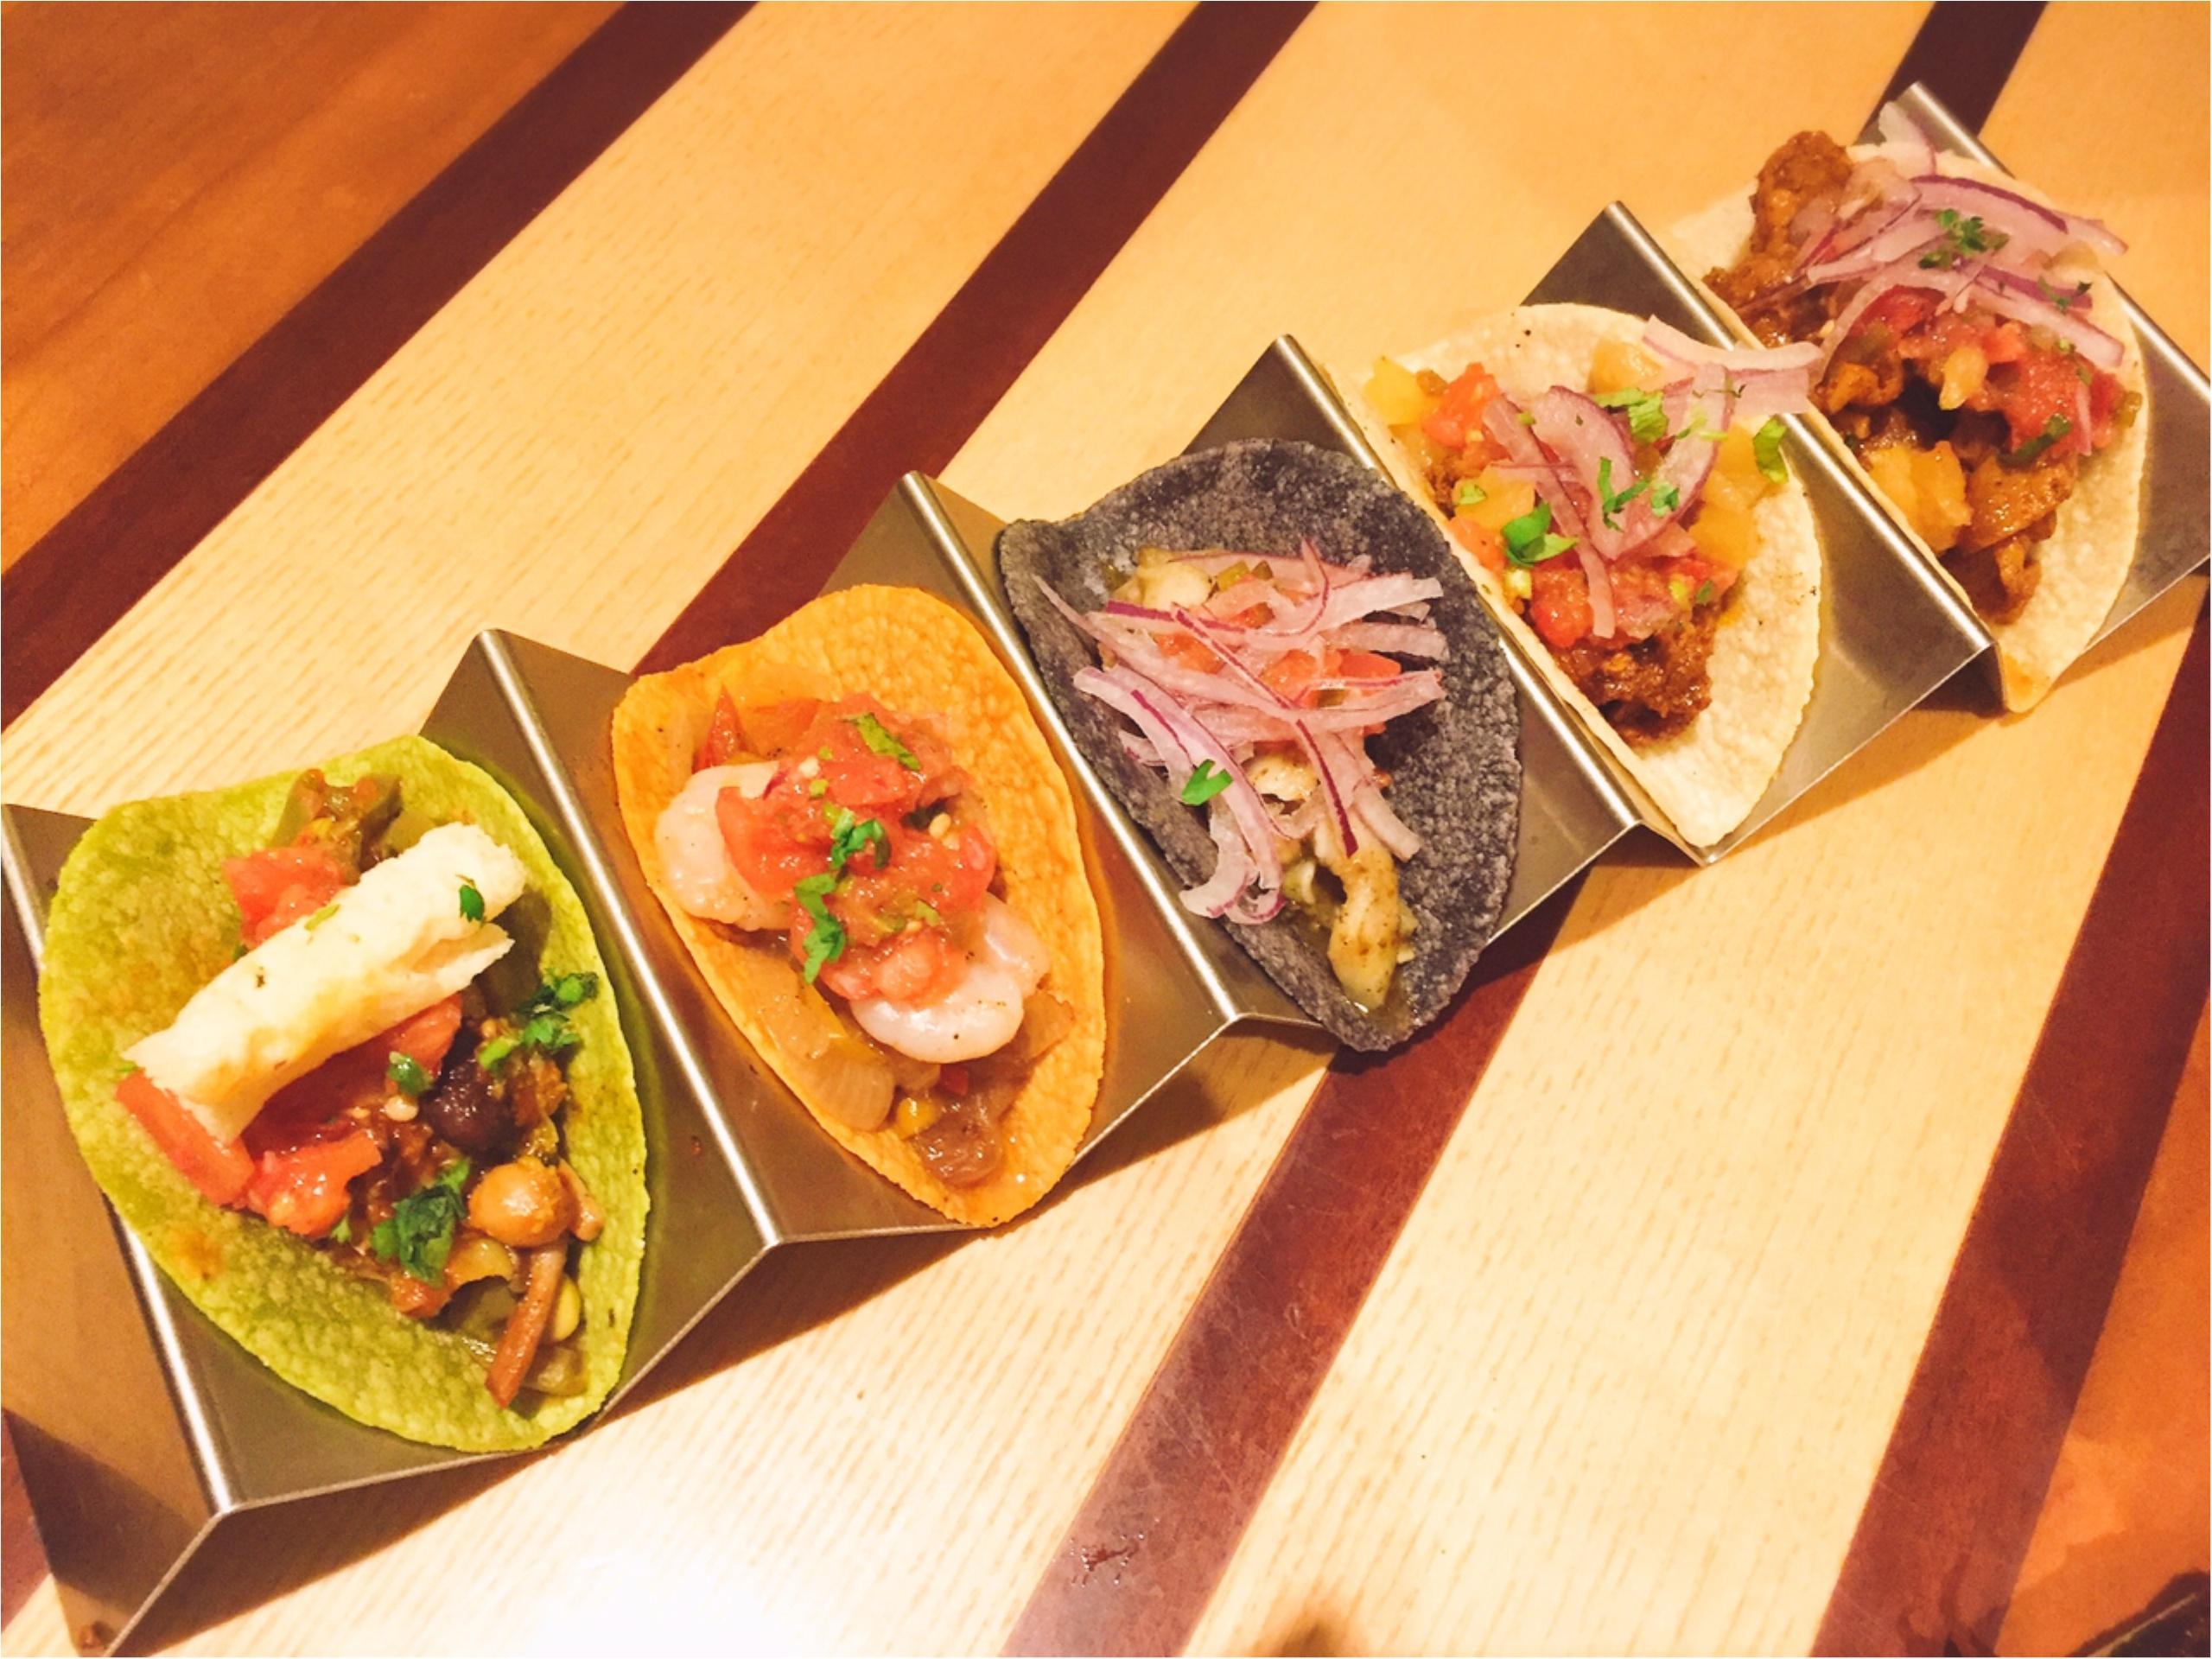 モアハピ女子会♡みんなで楽しめる!おしゃれなメキシコ料理のお店で…♡*_5